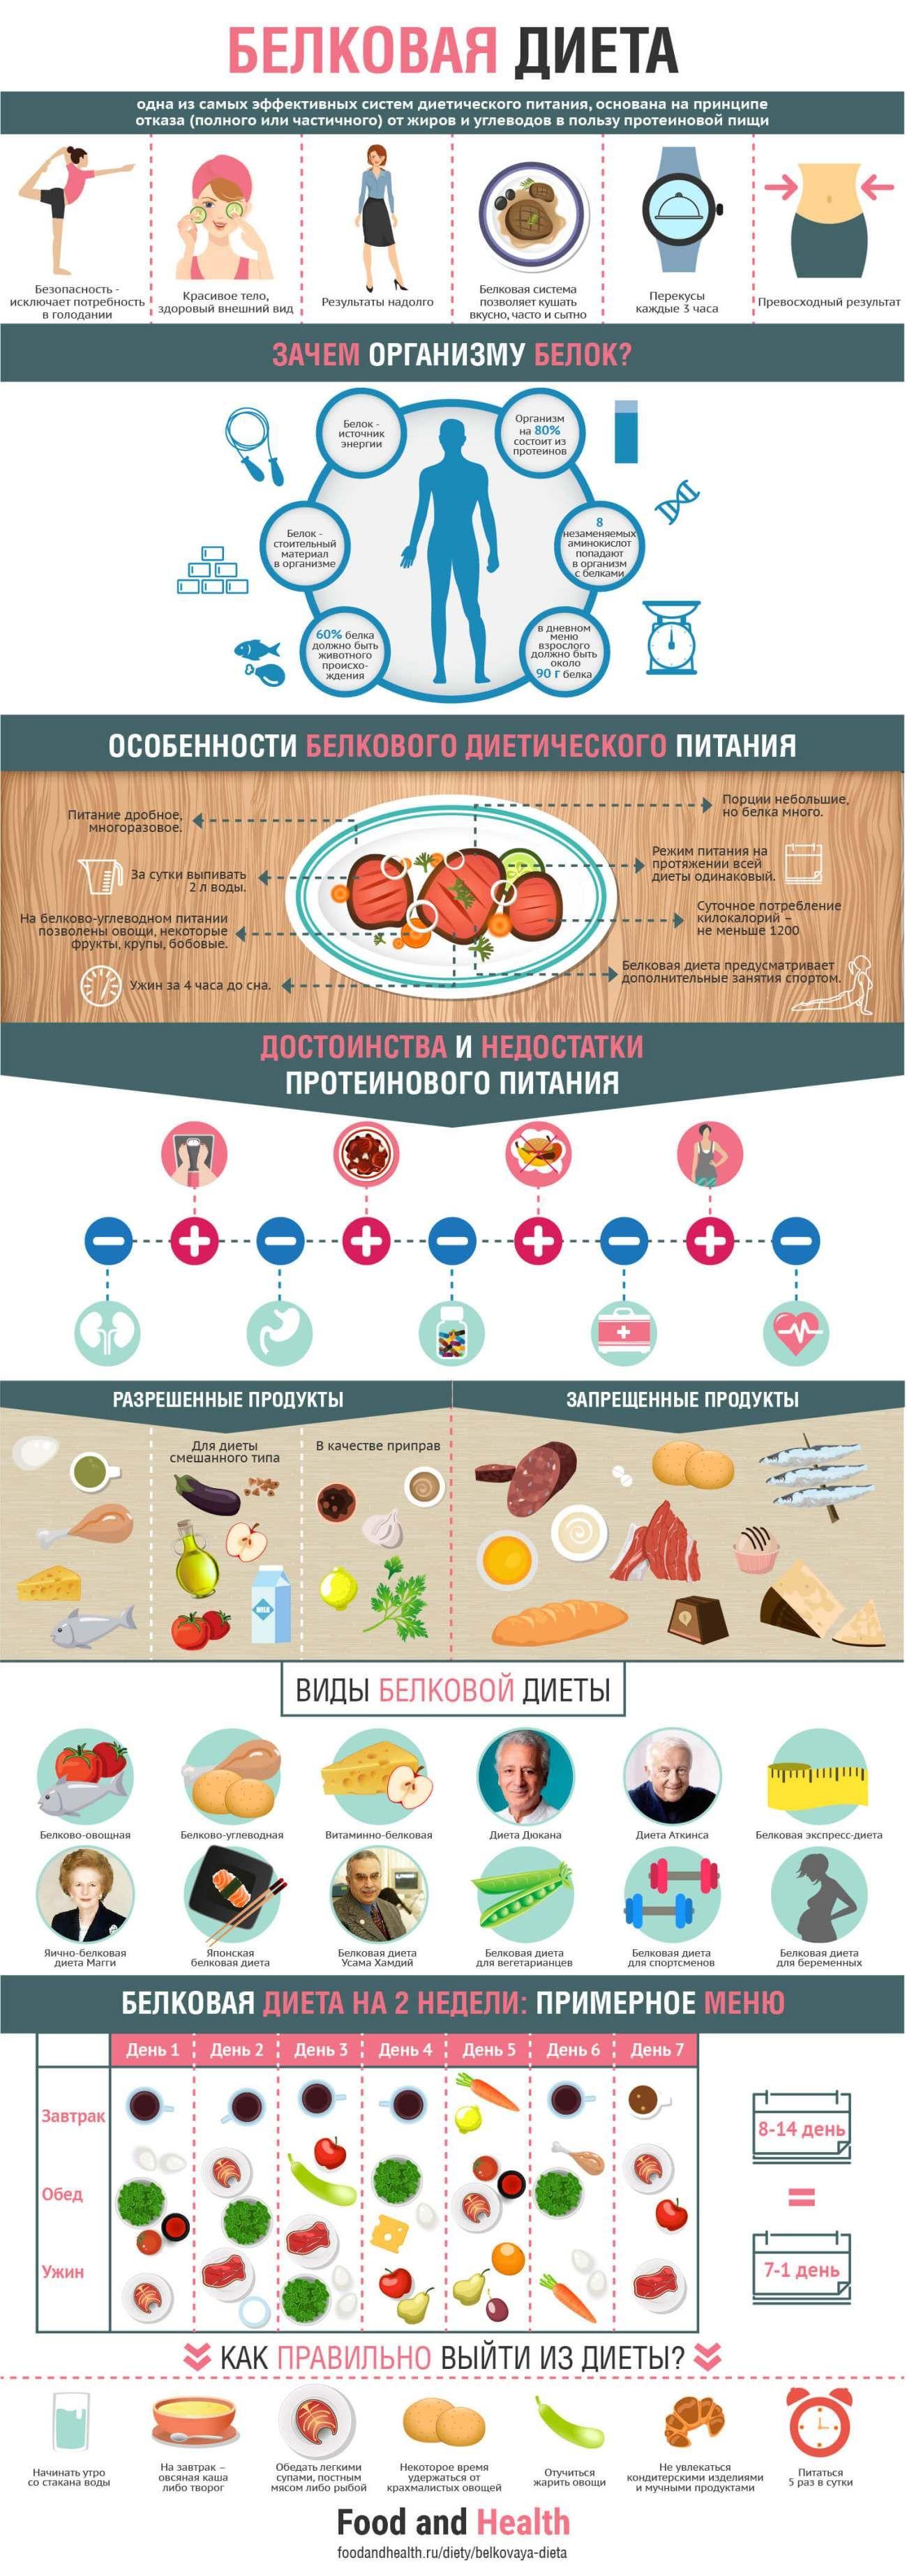 Белковая диета питания